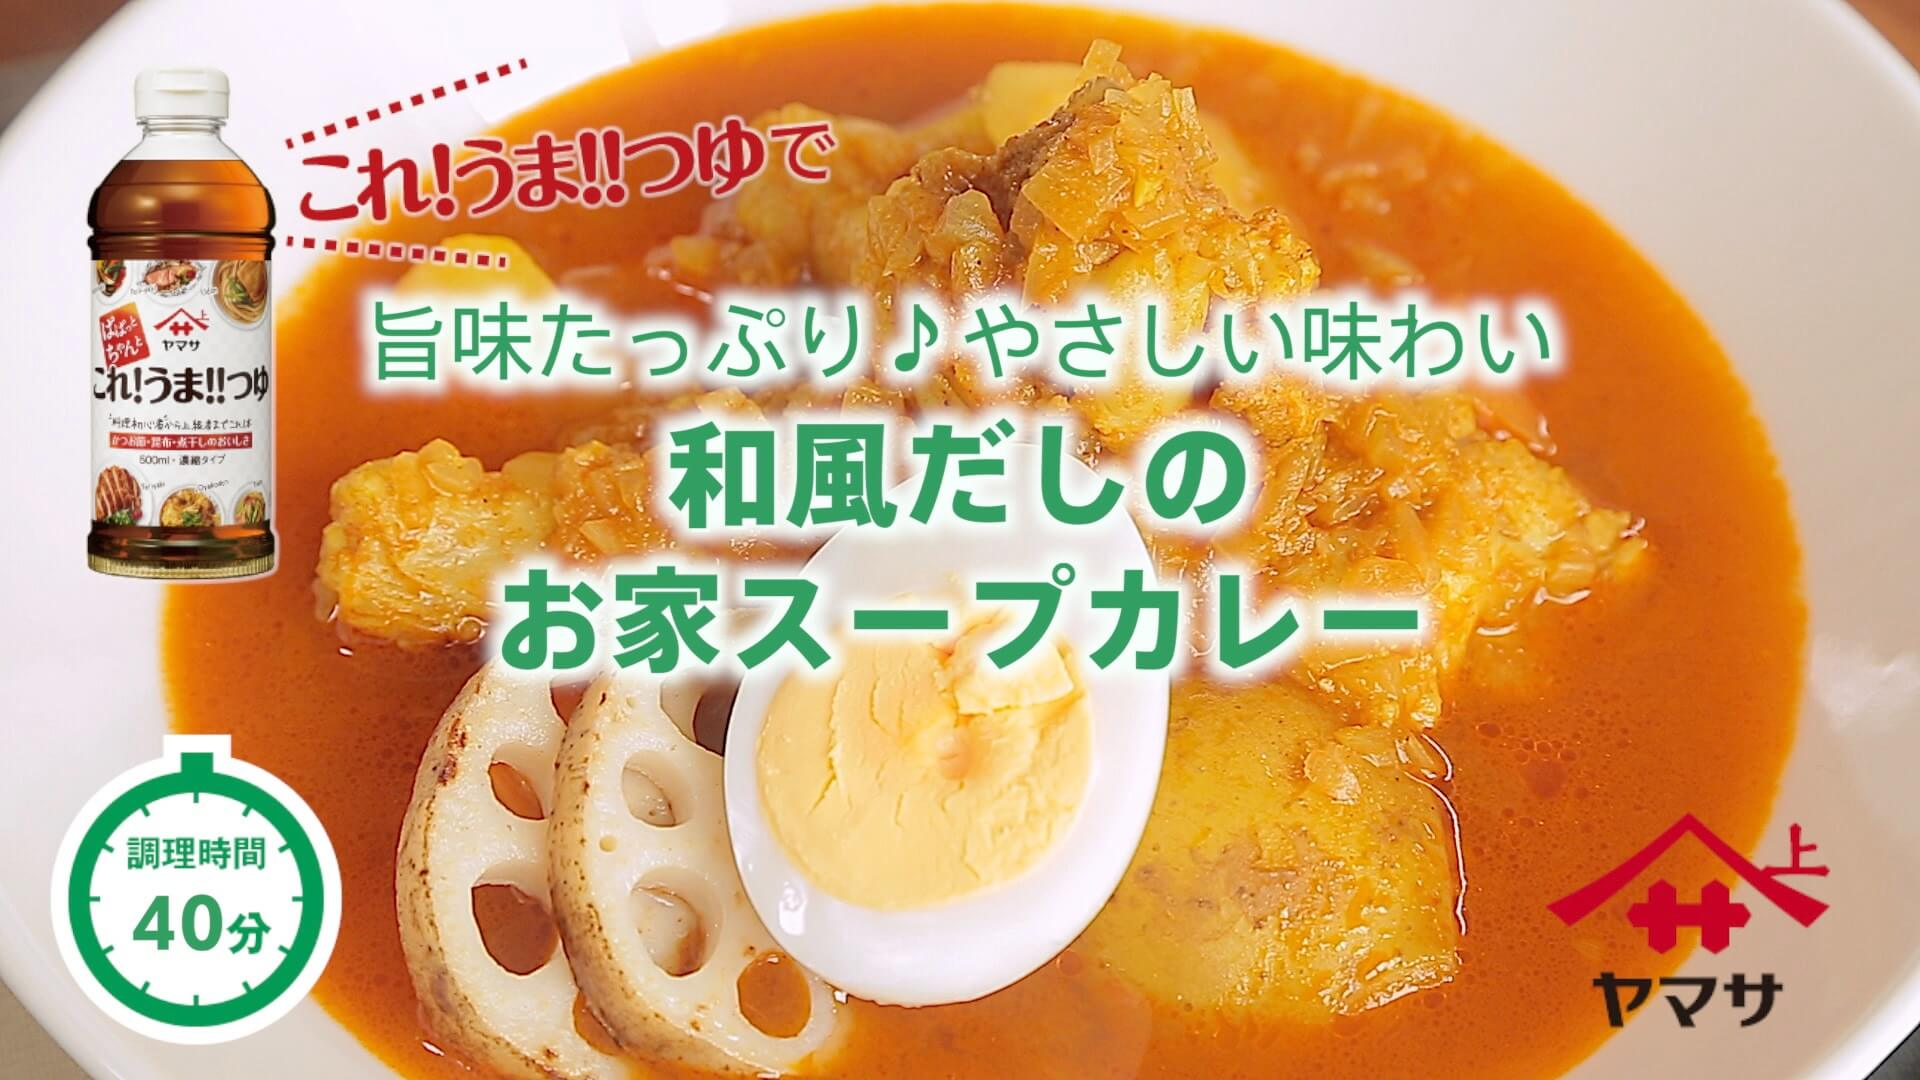 和風だしのお家スープカレー